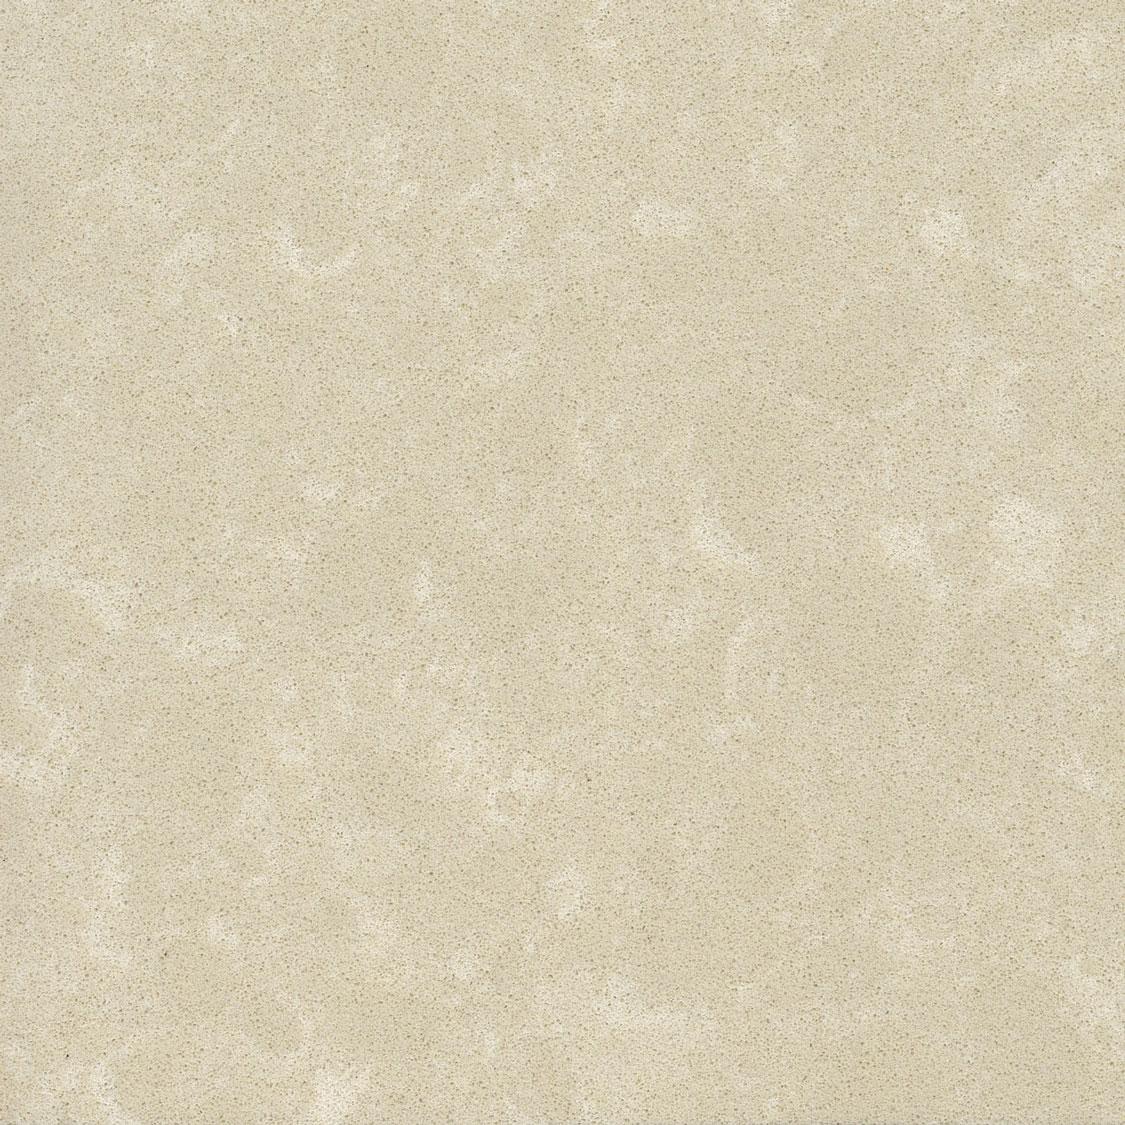 サイルストーン SILESTONE Tigris Sand チグリス・サンド